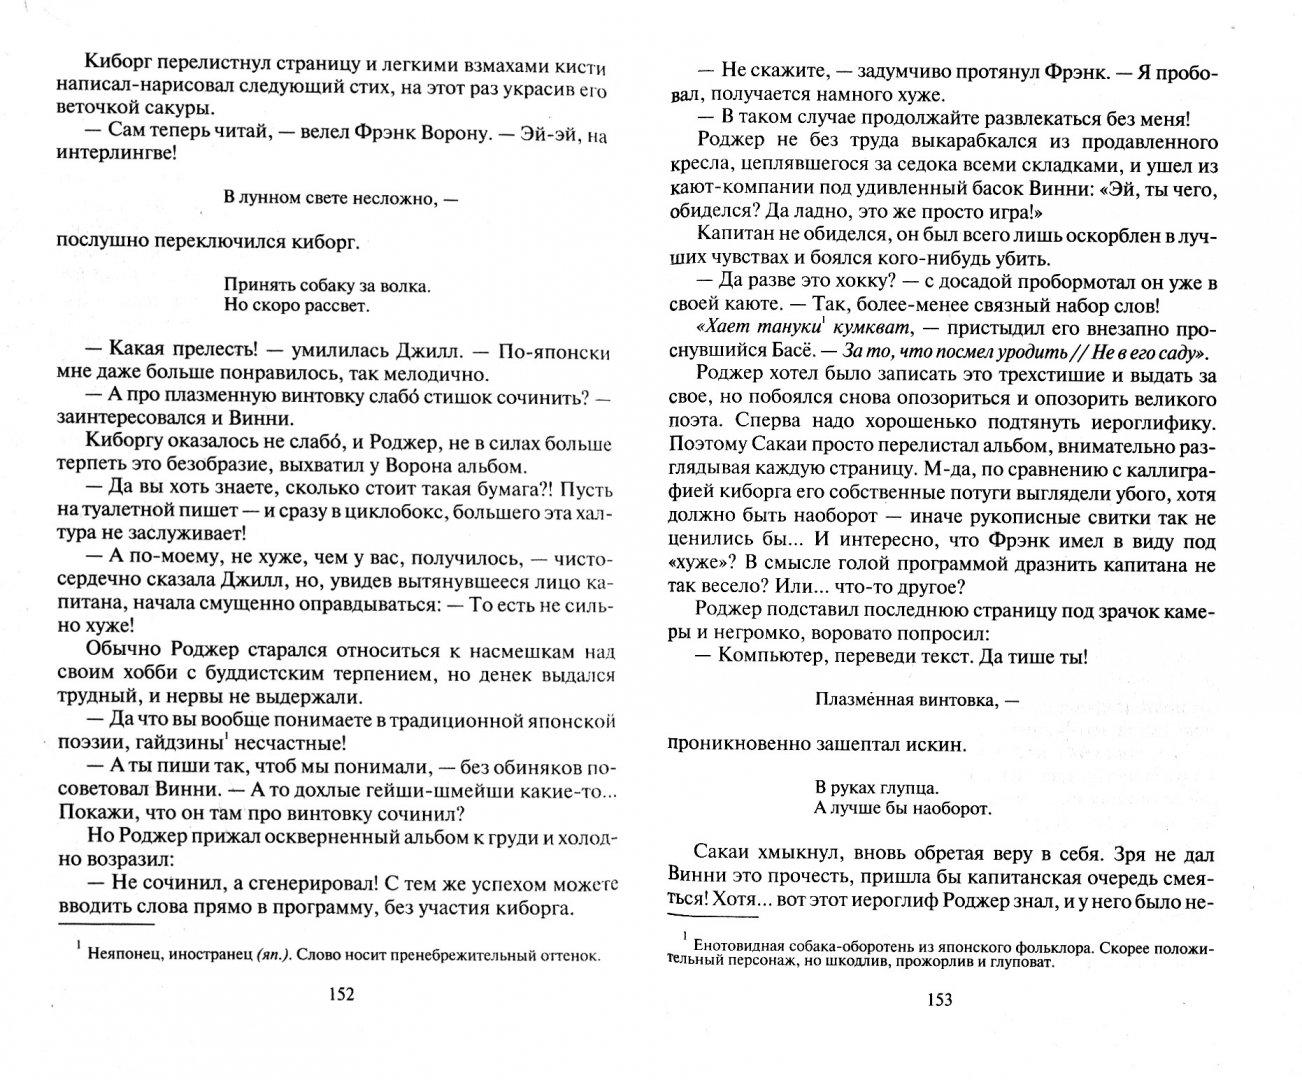 Иллюстрация 1 из 35 для Космоолухи: рядом. Том 1 - Ольга Громыко | Лабиринт - книги. Источник: Лабиринт